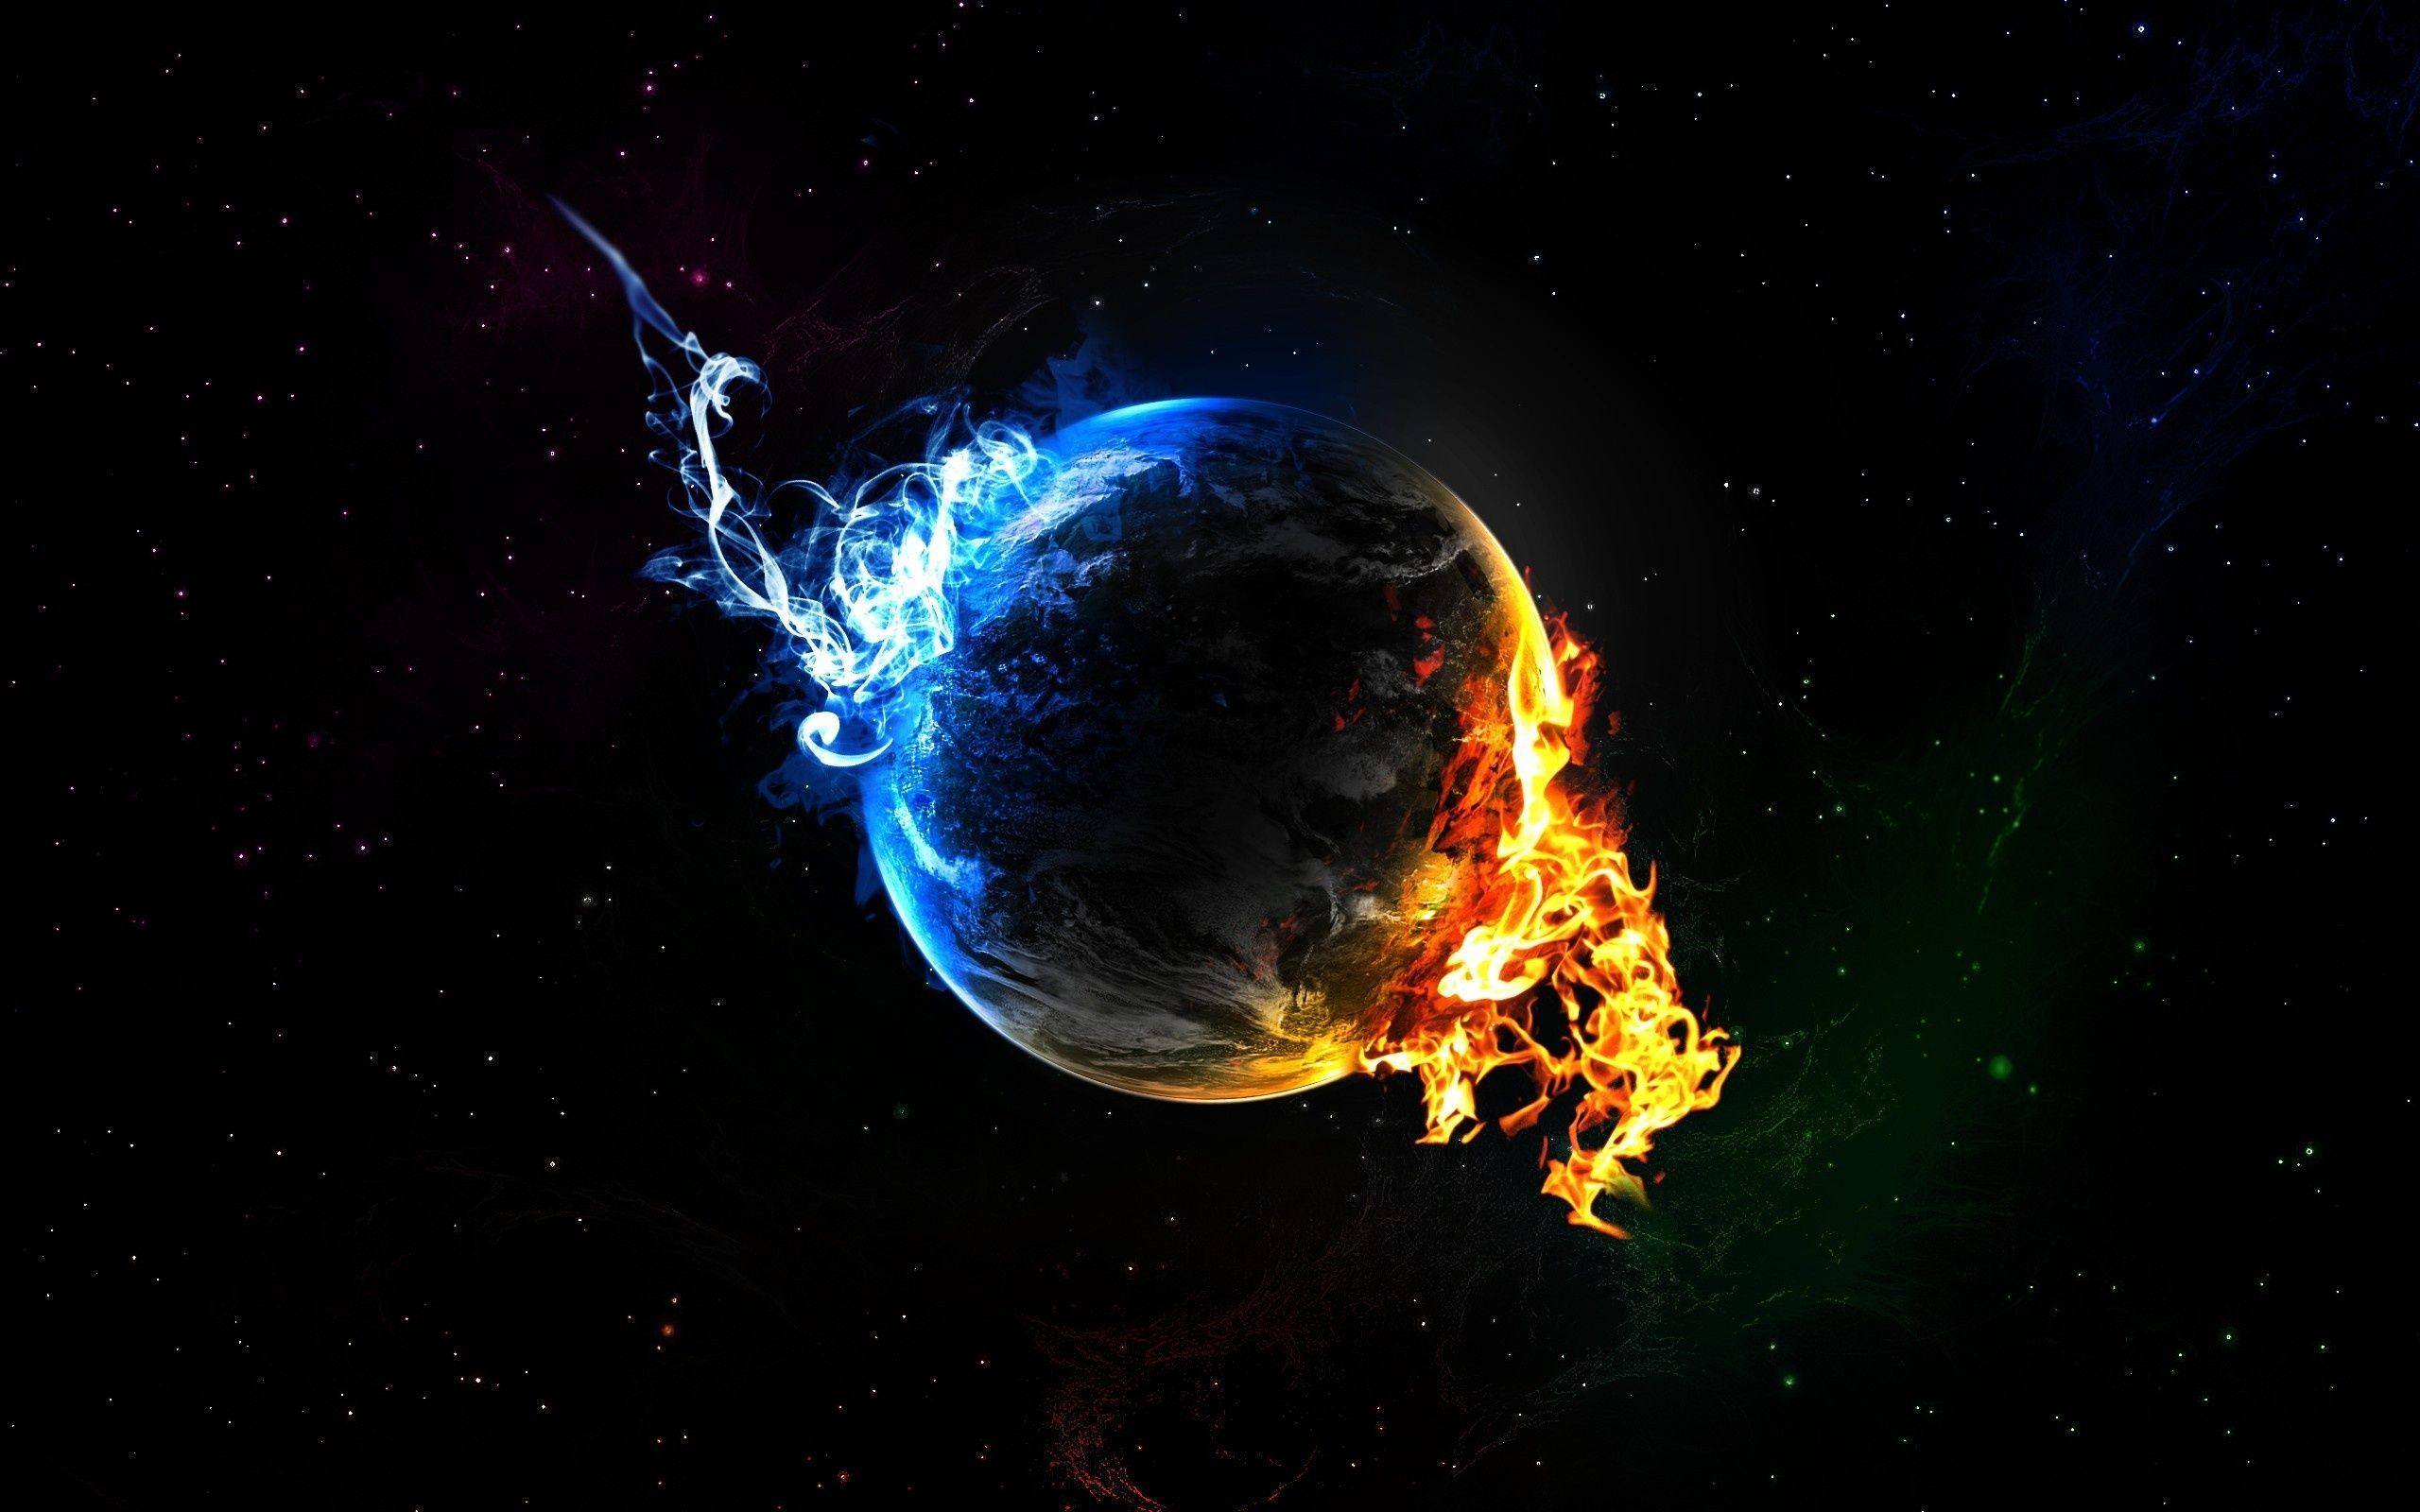 Αποτέλεσμα εικόνας για hot cold fire